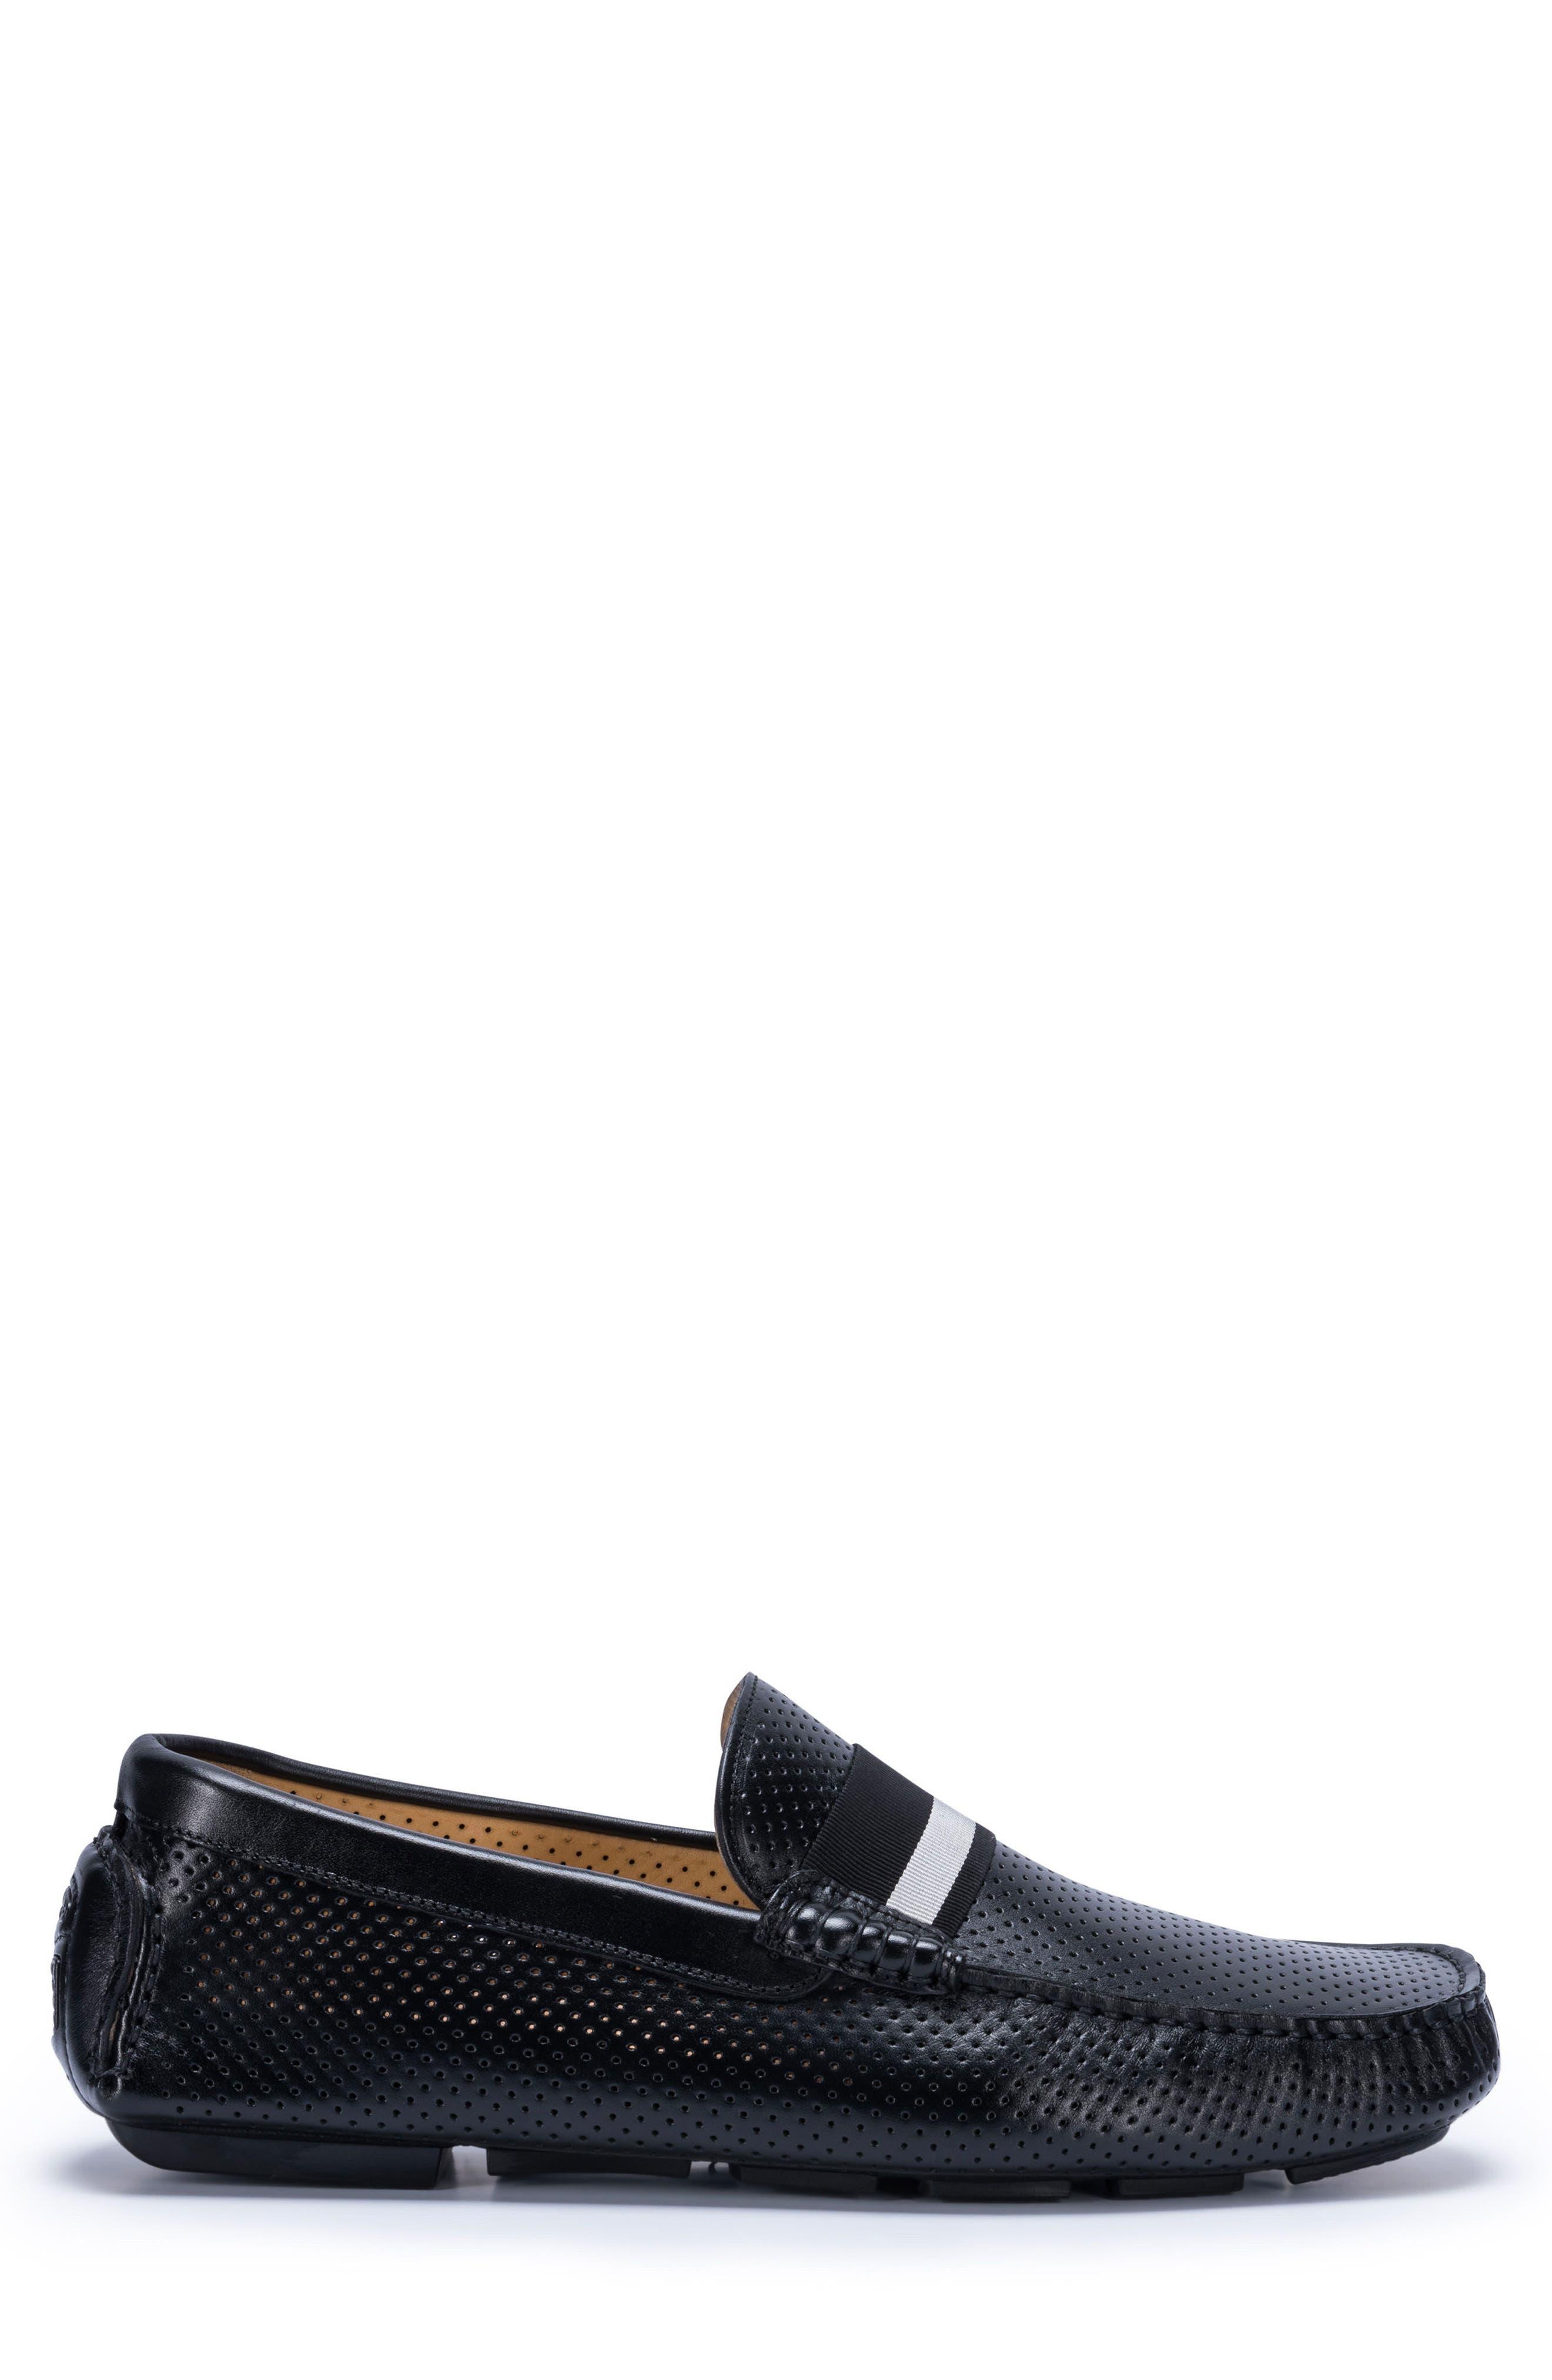 Sardegna Driving Shoe,                             Alternate thumbnail 3, color,                             BLACK